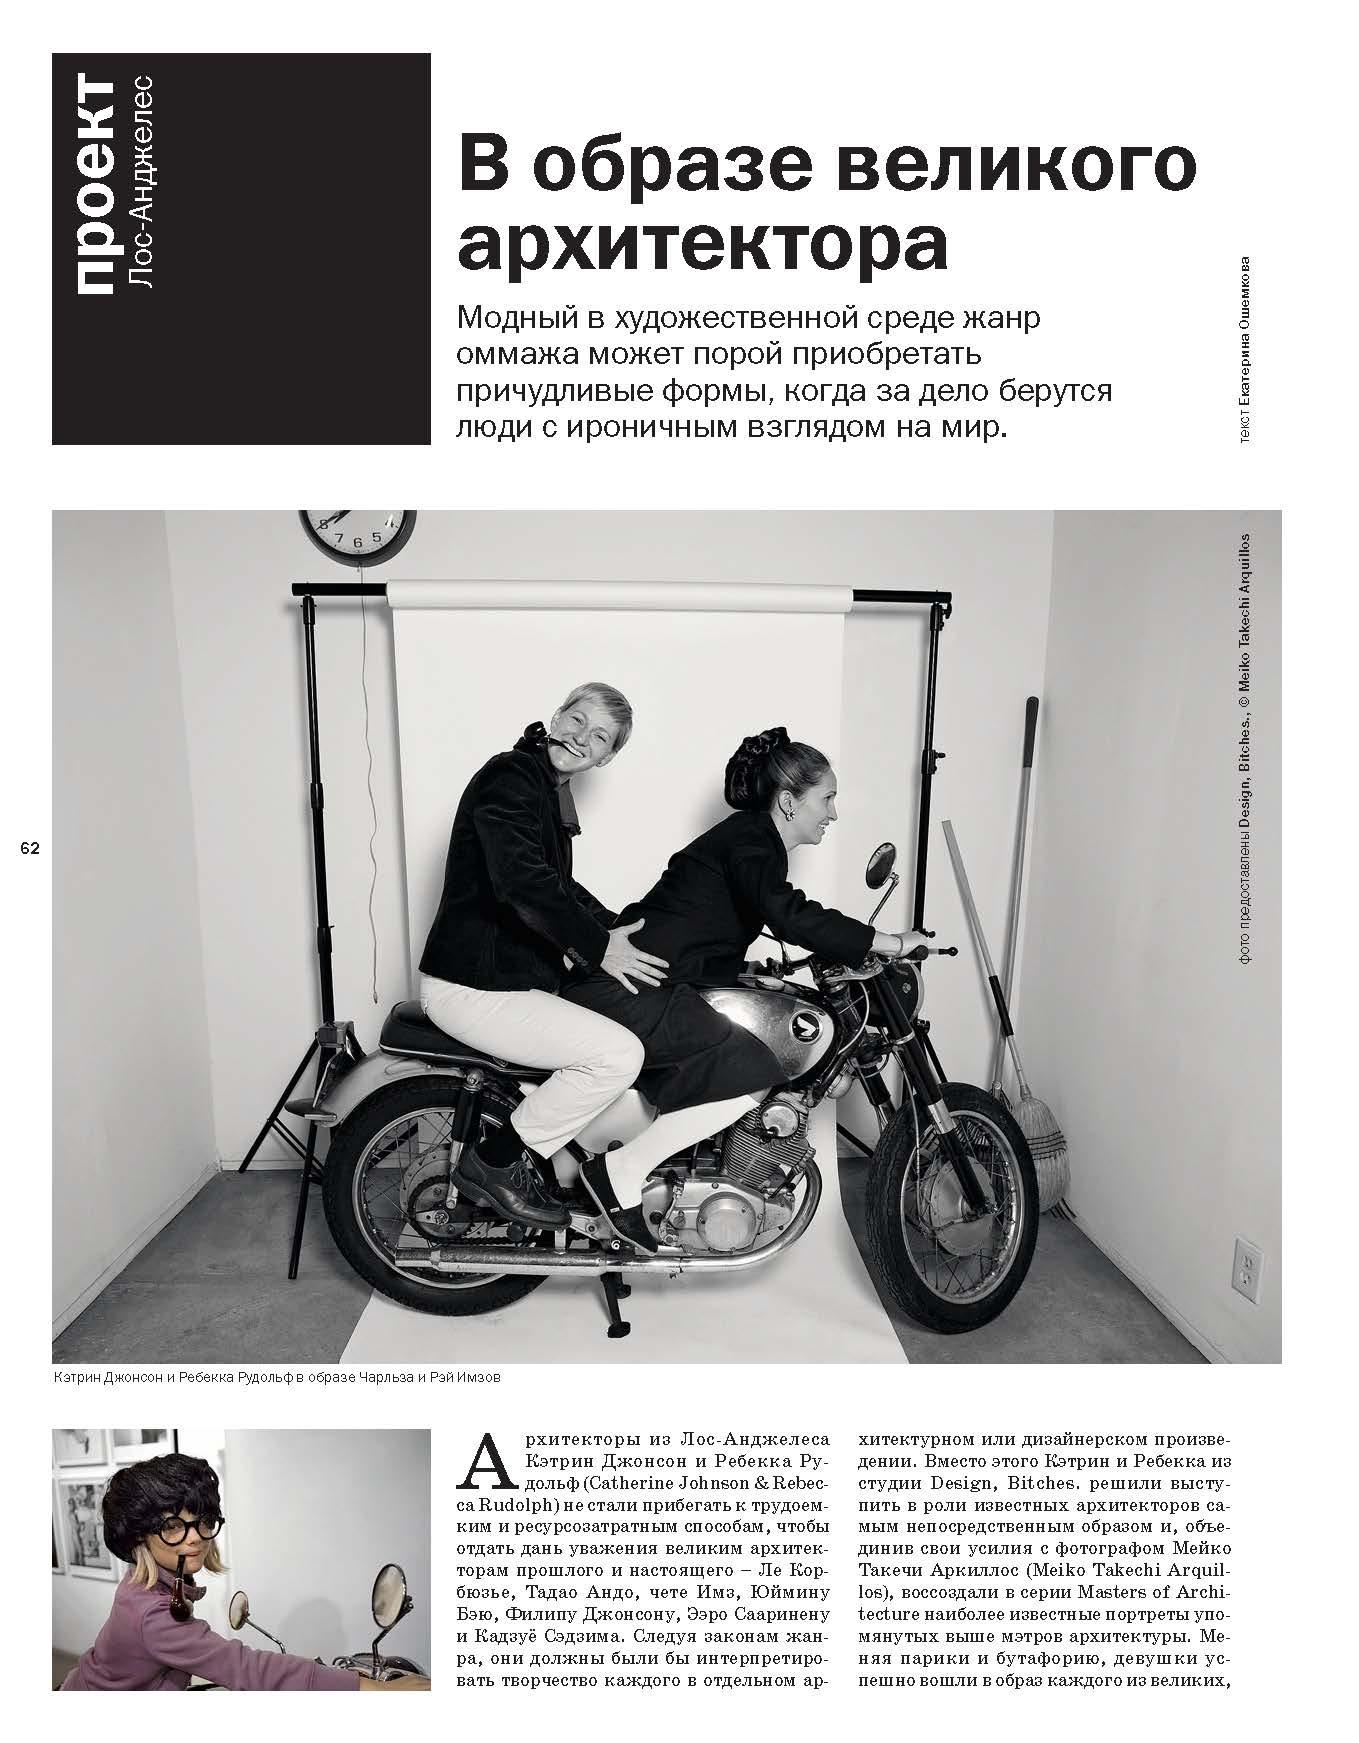 2012_10 MOA article 1.jpg